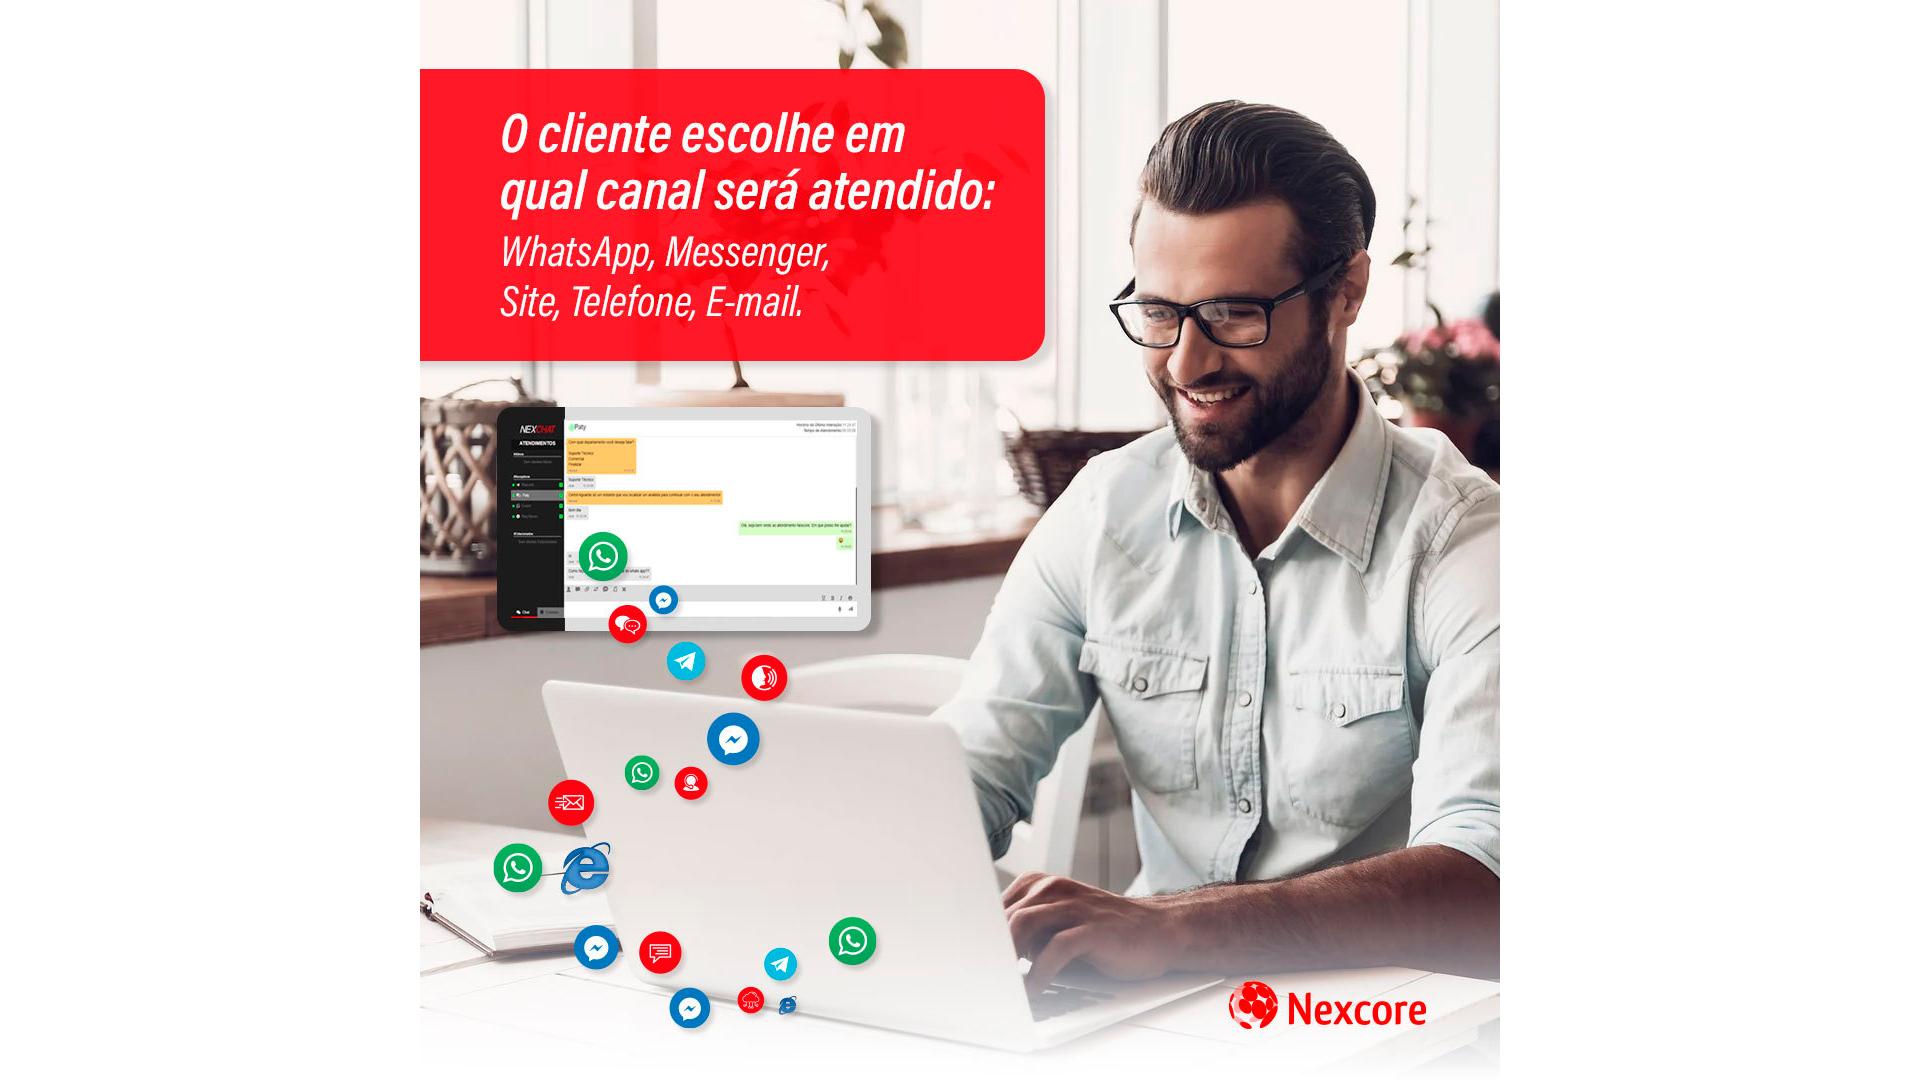 O Nexus permite a oferta de diversas opções de comunicação para a escolha dos clientes da empresa.